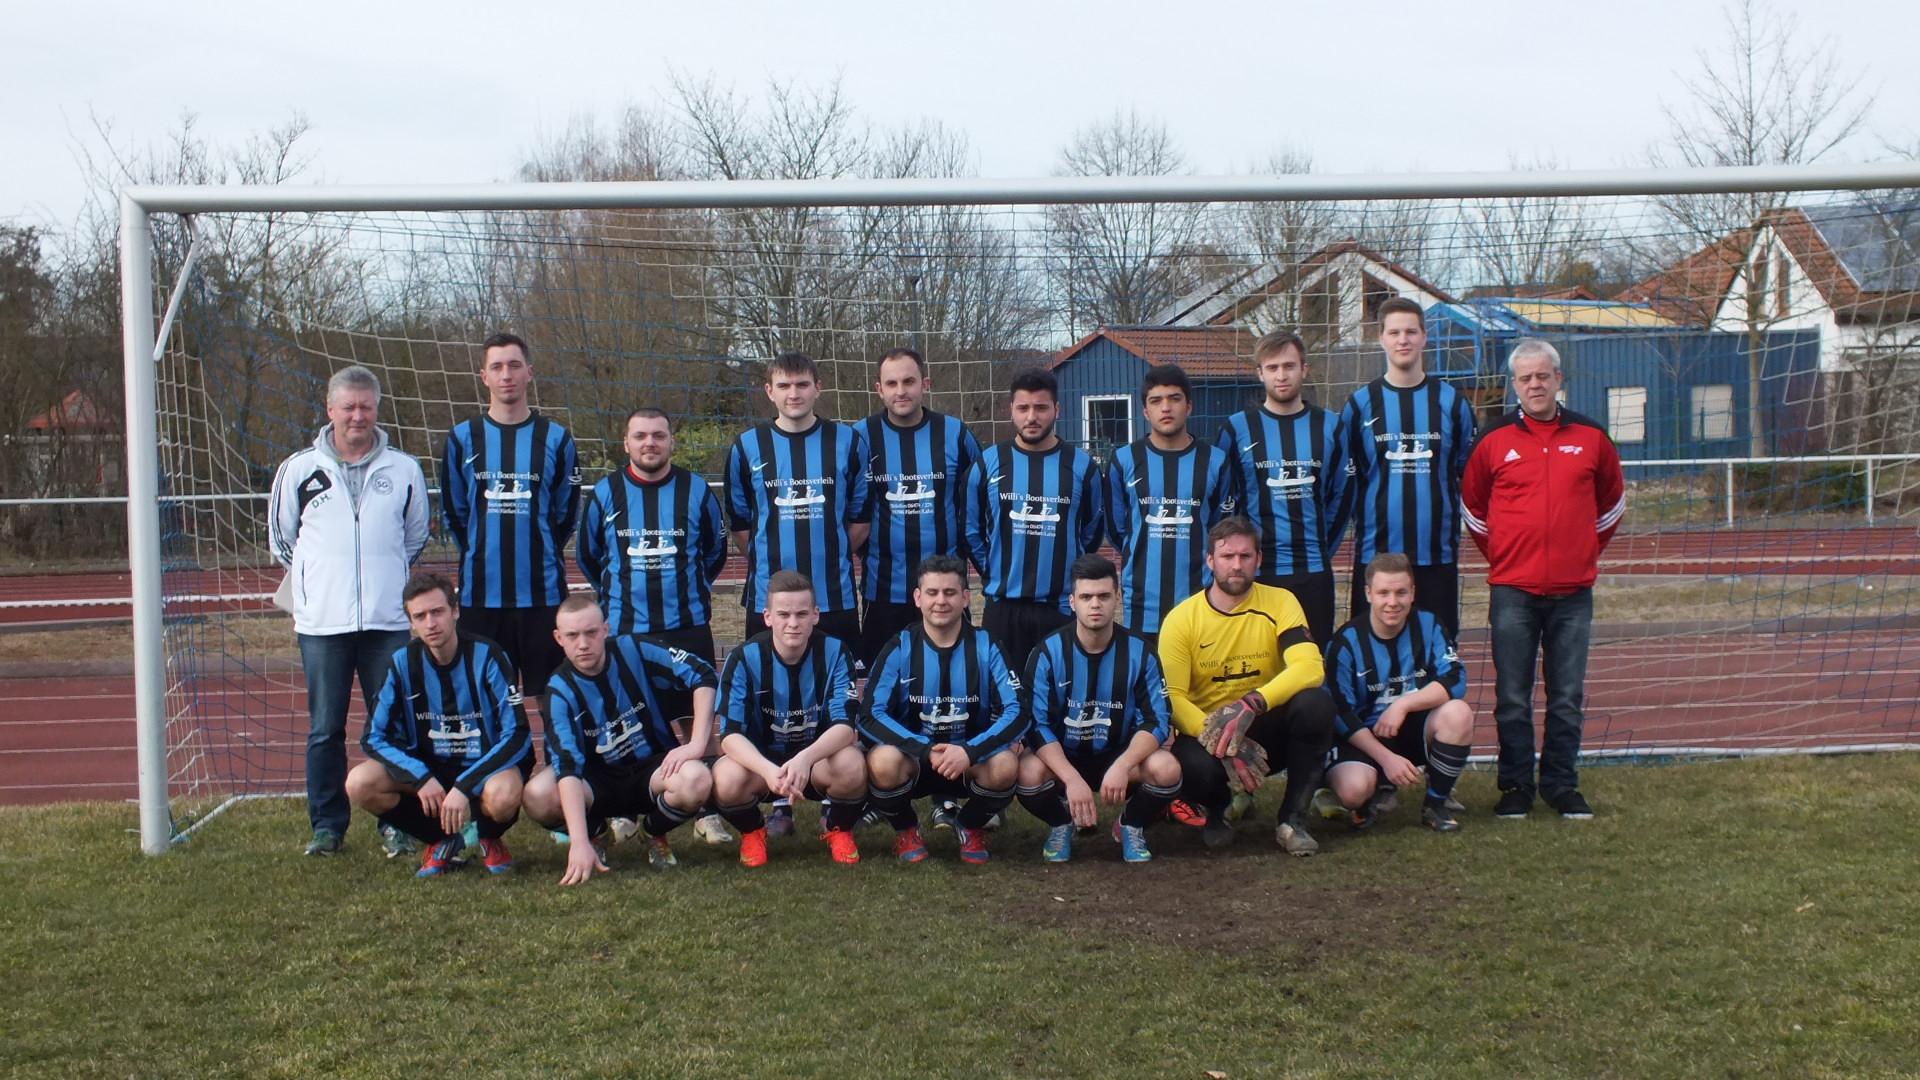 Mannschaftsfoto/Teamfoto von FV Weilburg